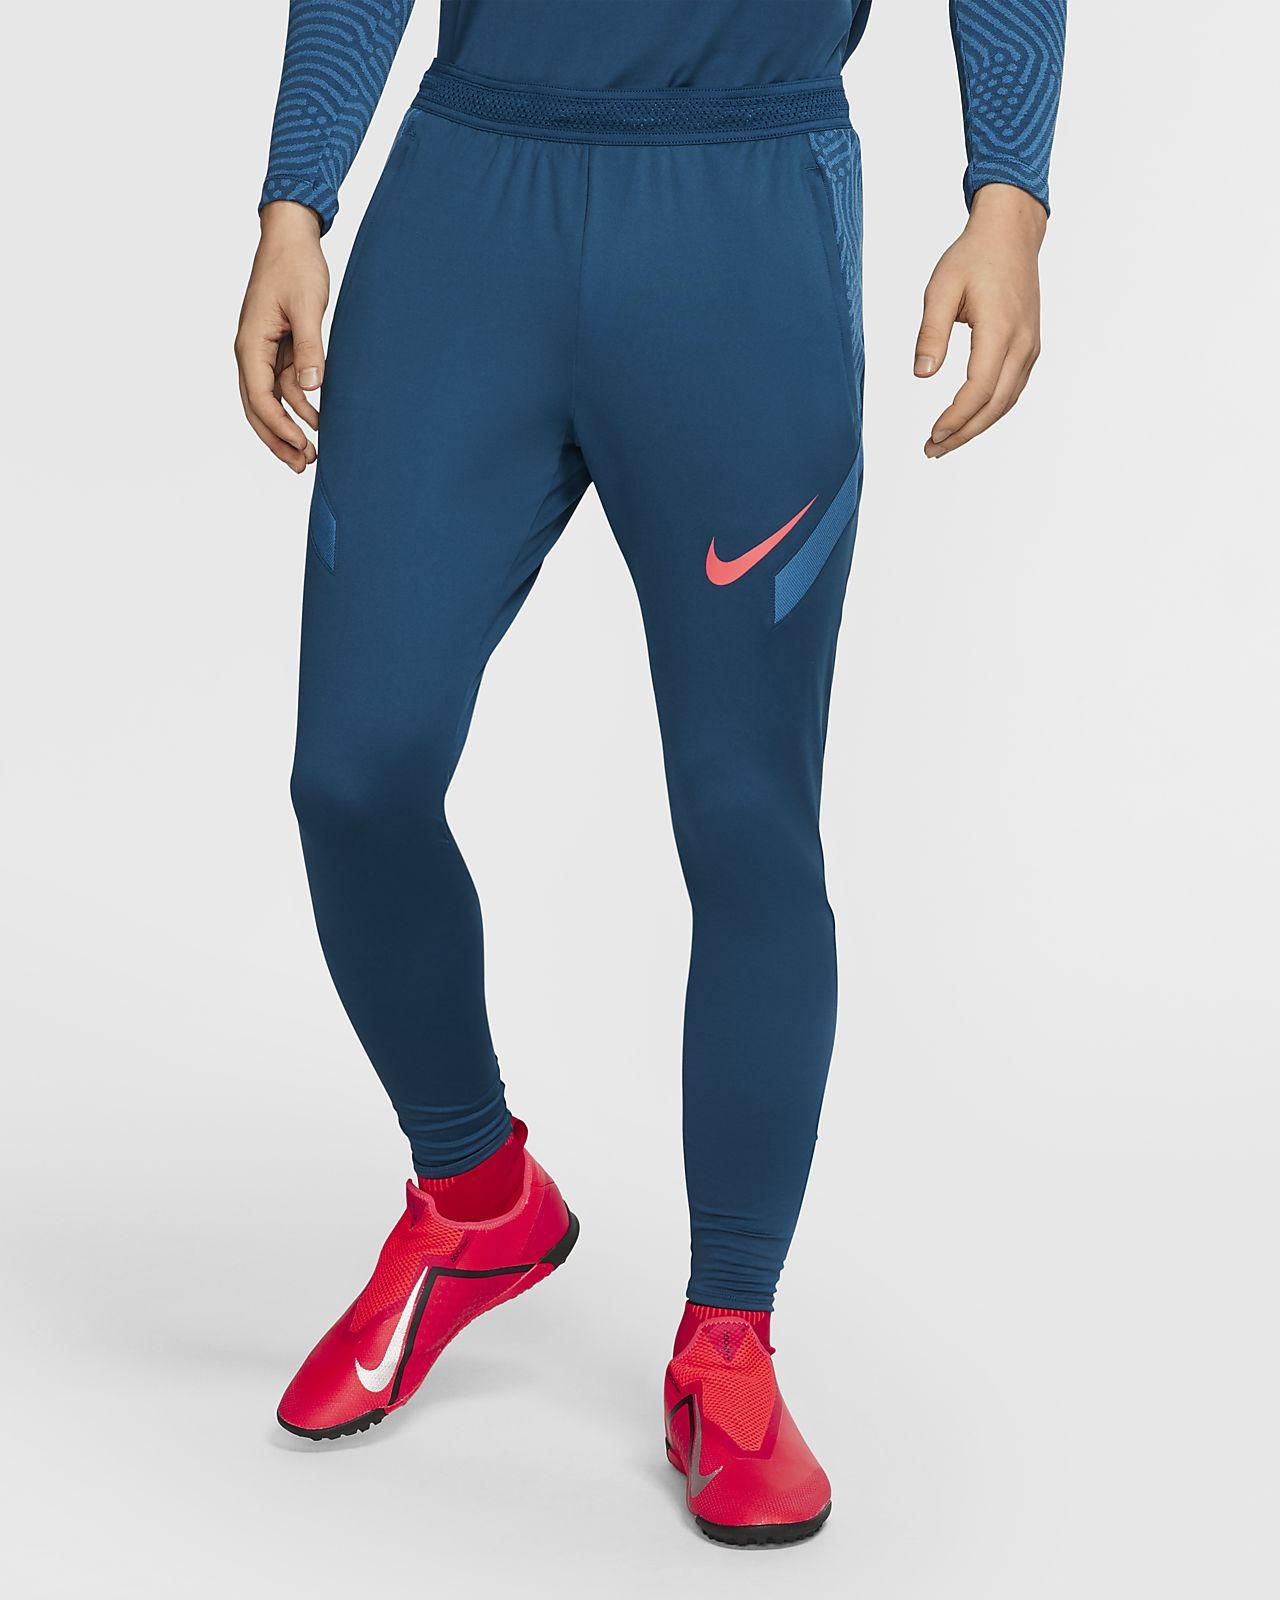 Nike Dri FIT Academy fodboldtræningstop til mænd. Nike DK